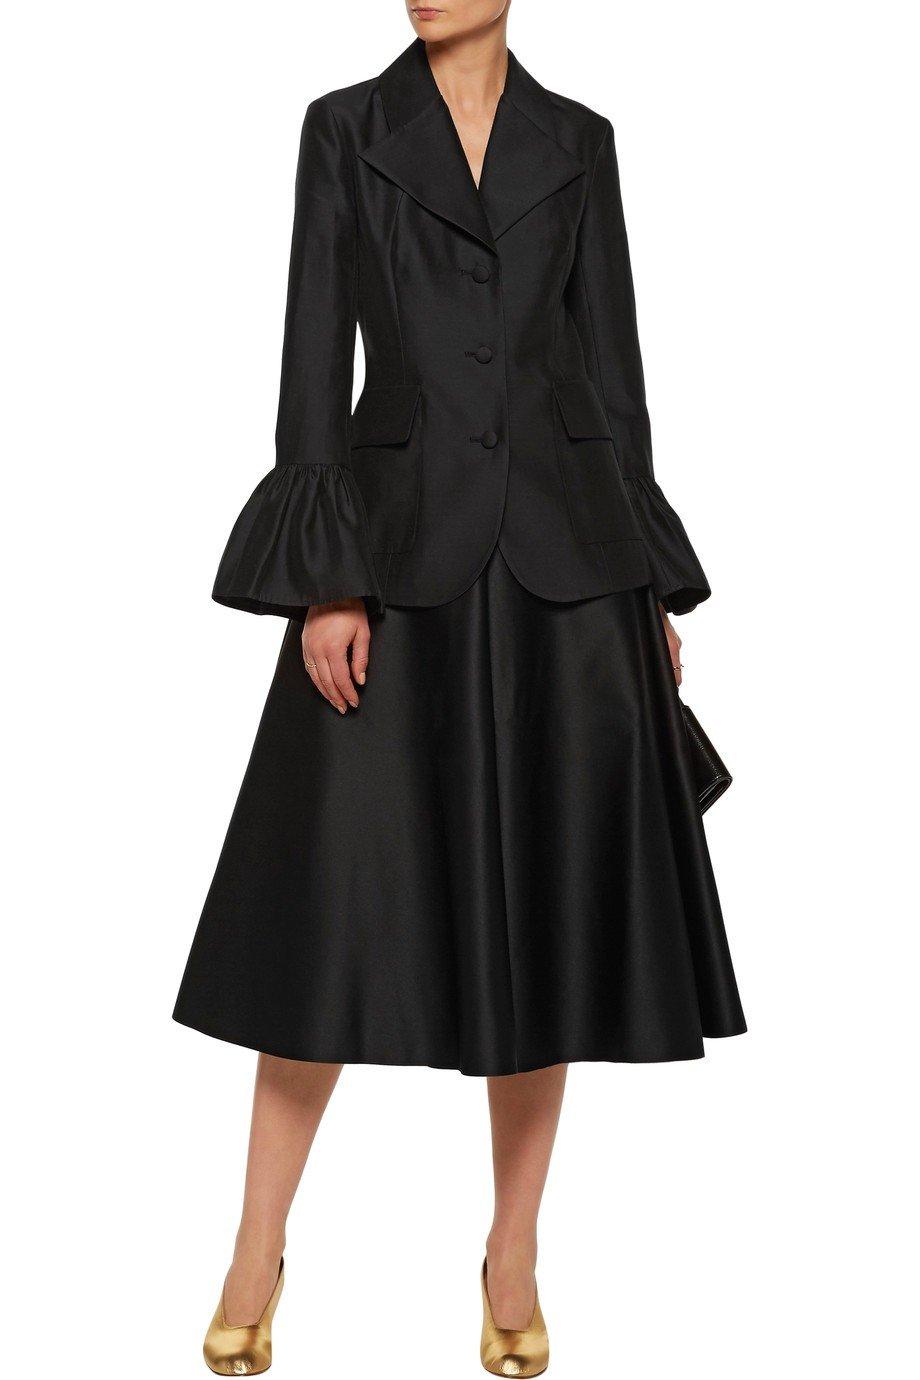 черный пиджак пеплум с блеском женский 2018